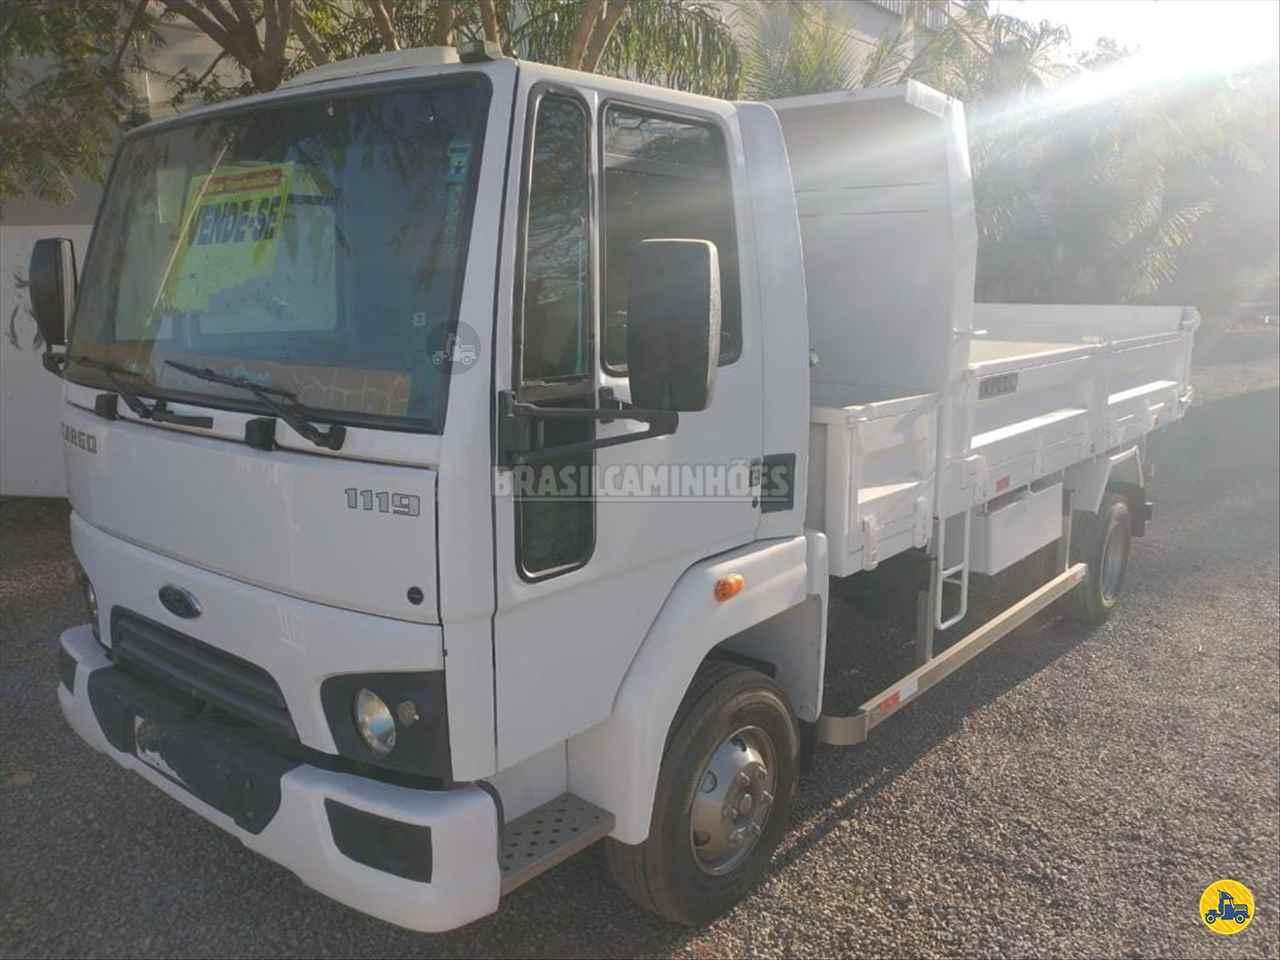 CAMINHAO FORD CARGO 1119 Caçamba Cabine Suplementar Toco 4x2 Brasil Caminhões Sinop SINOP MATO GROSSO MT